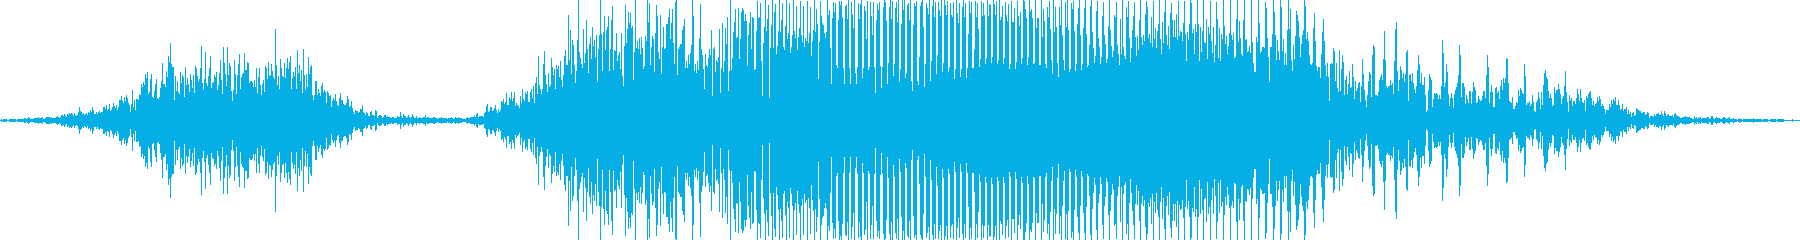 スチール!の再生済みの波形